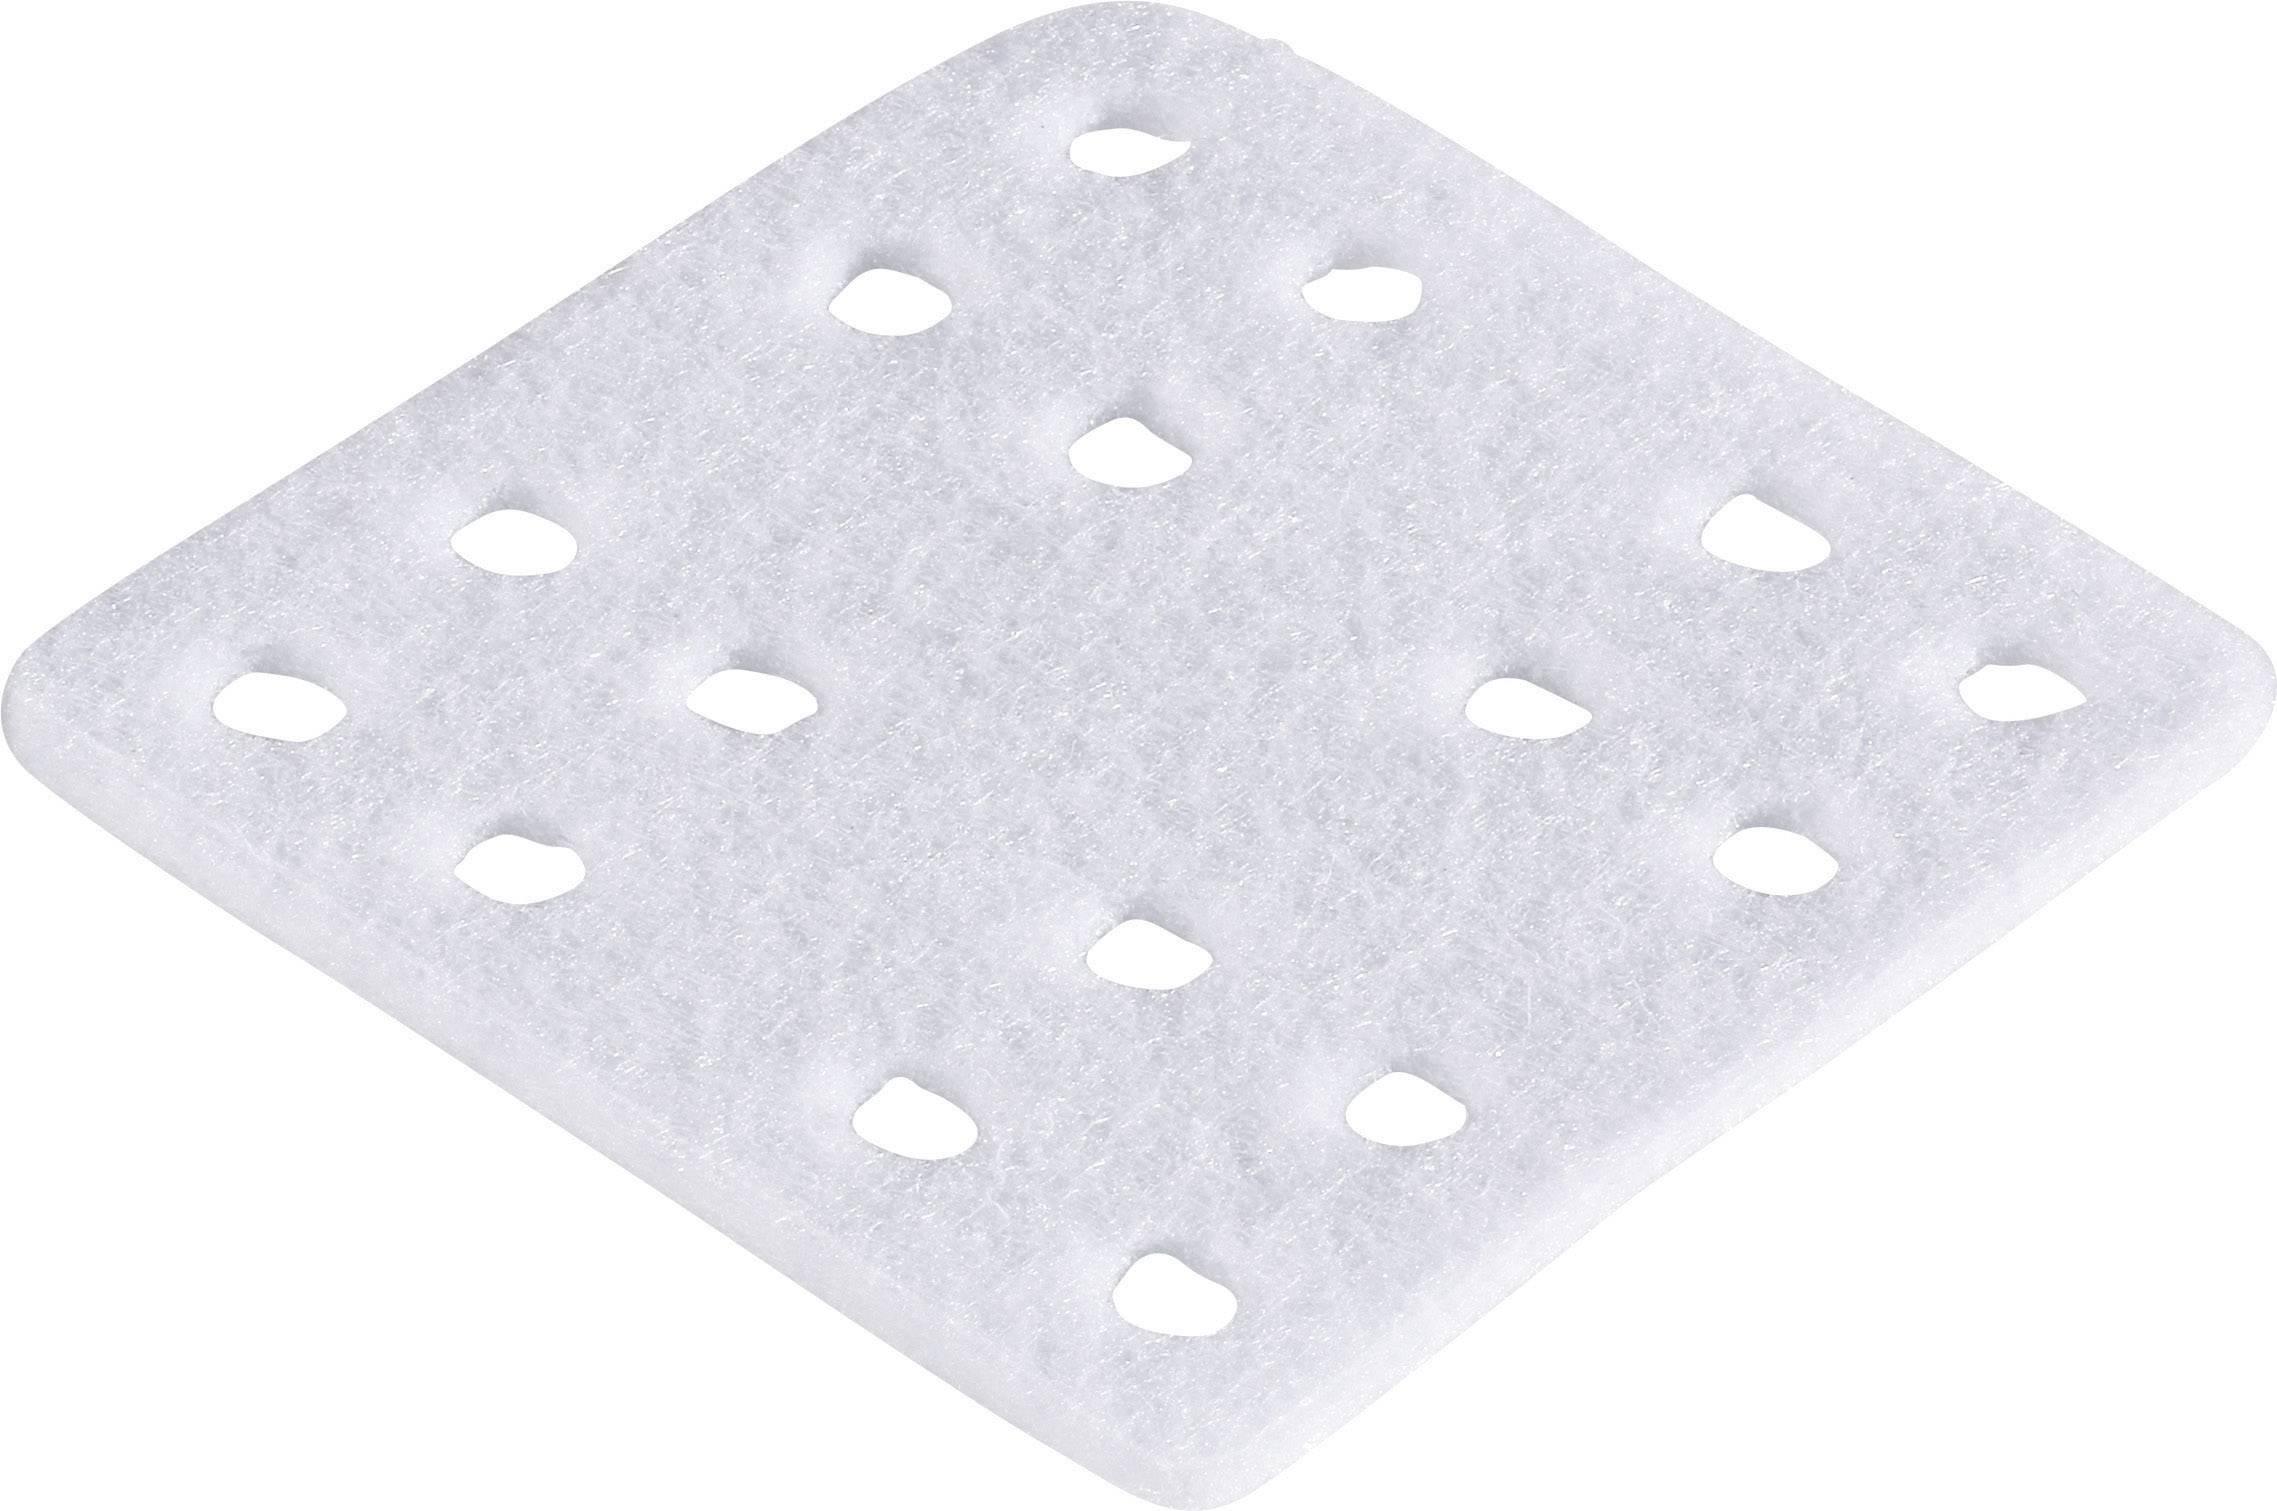 Zvlhčovač vzduchu Beurer LB 50, biela